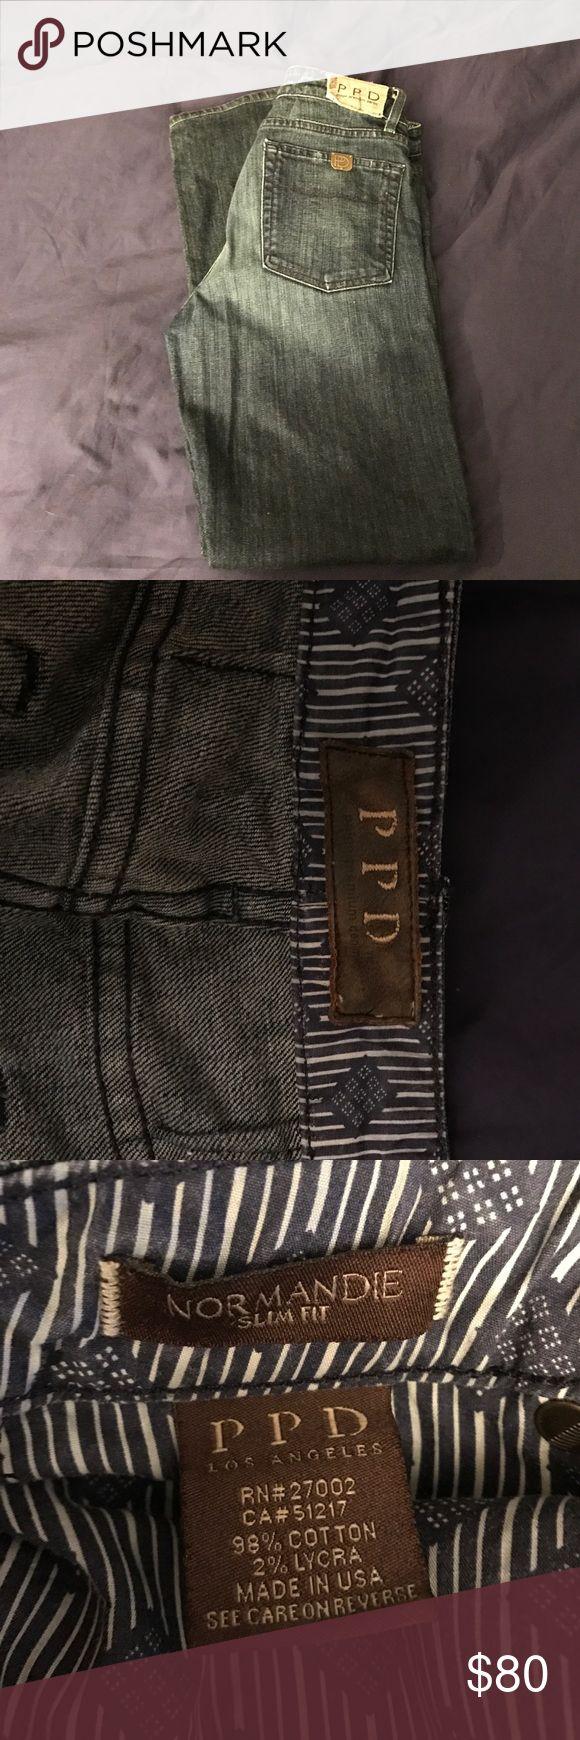 Paige Premium Denim Jeans - Men's Paige Premium Denim Jeans - Men's Paige Jeans Jeans